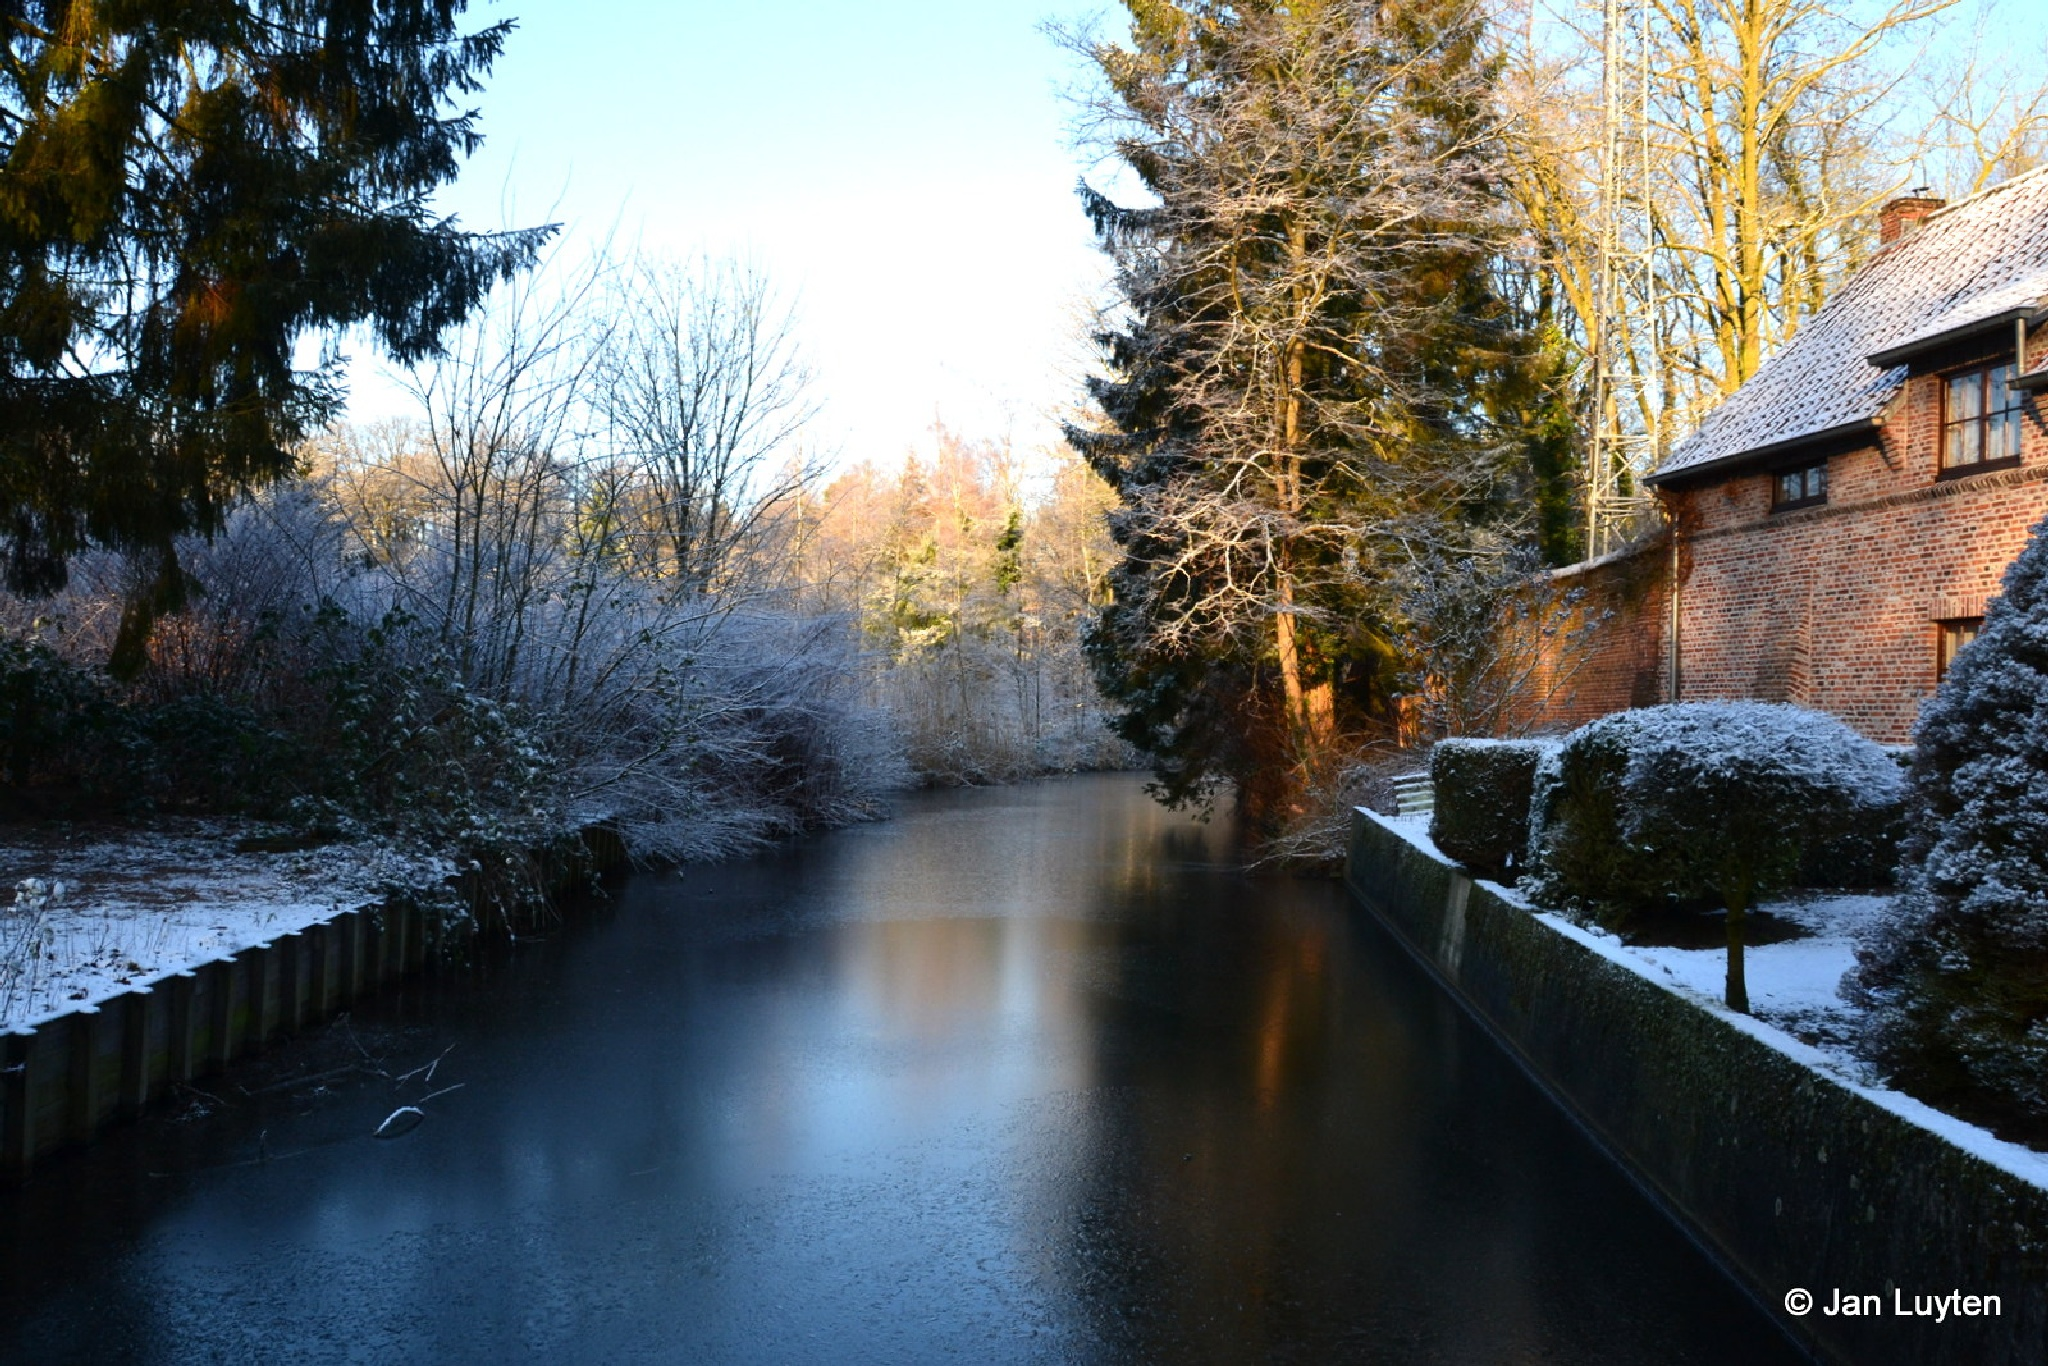 Winter in Postel by Jan Luyten